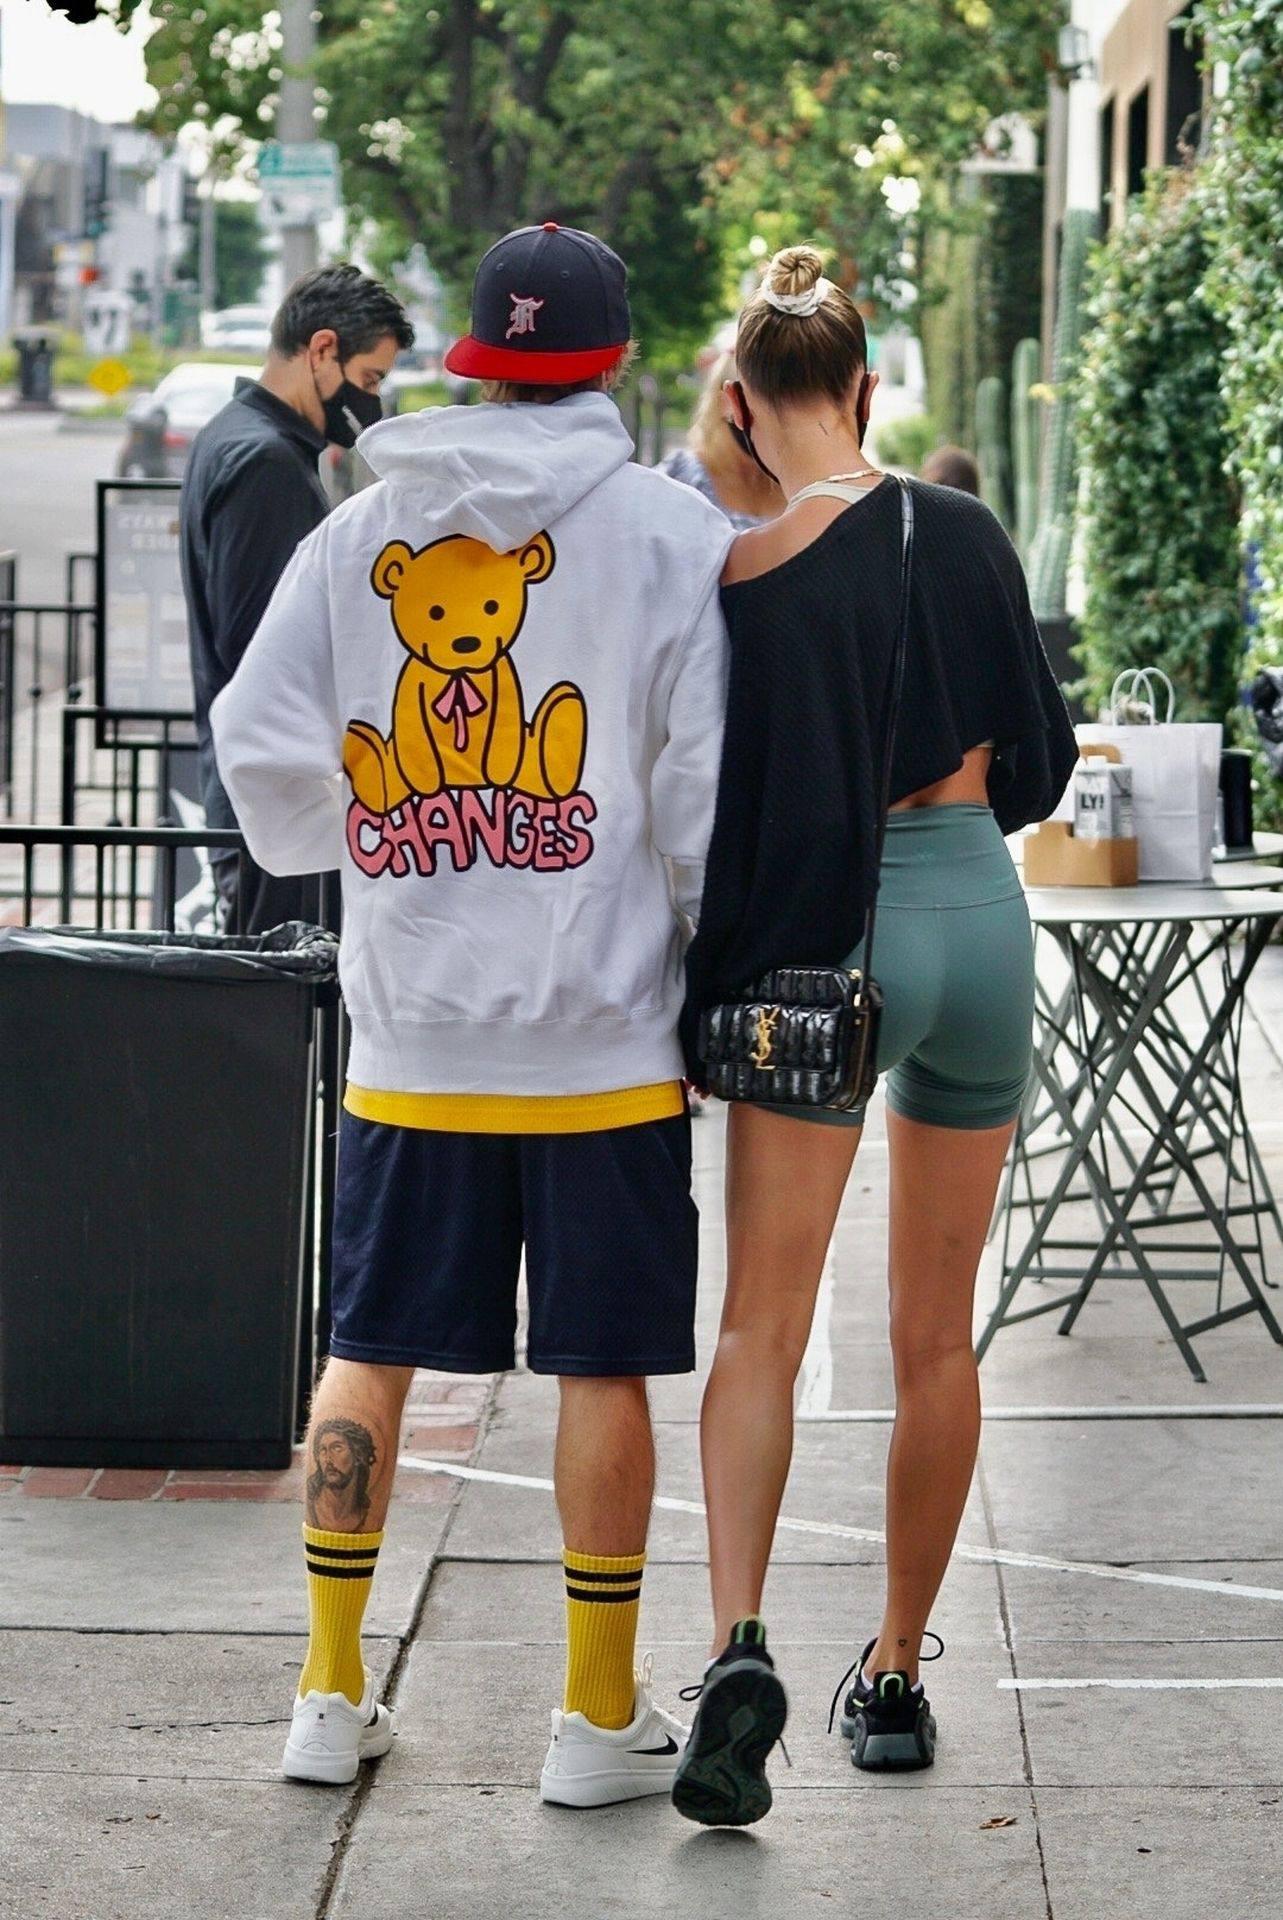 Hailey Bieber Sexy Camel Toe